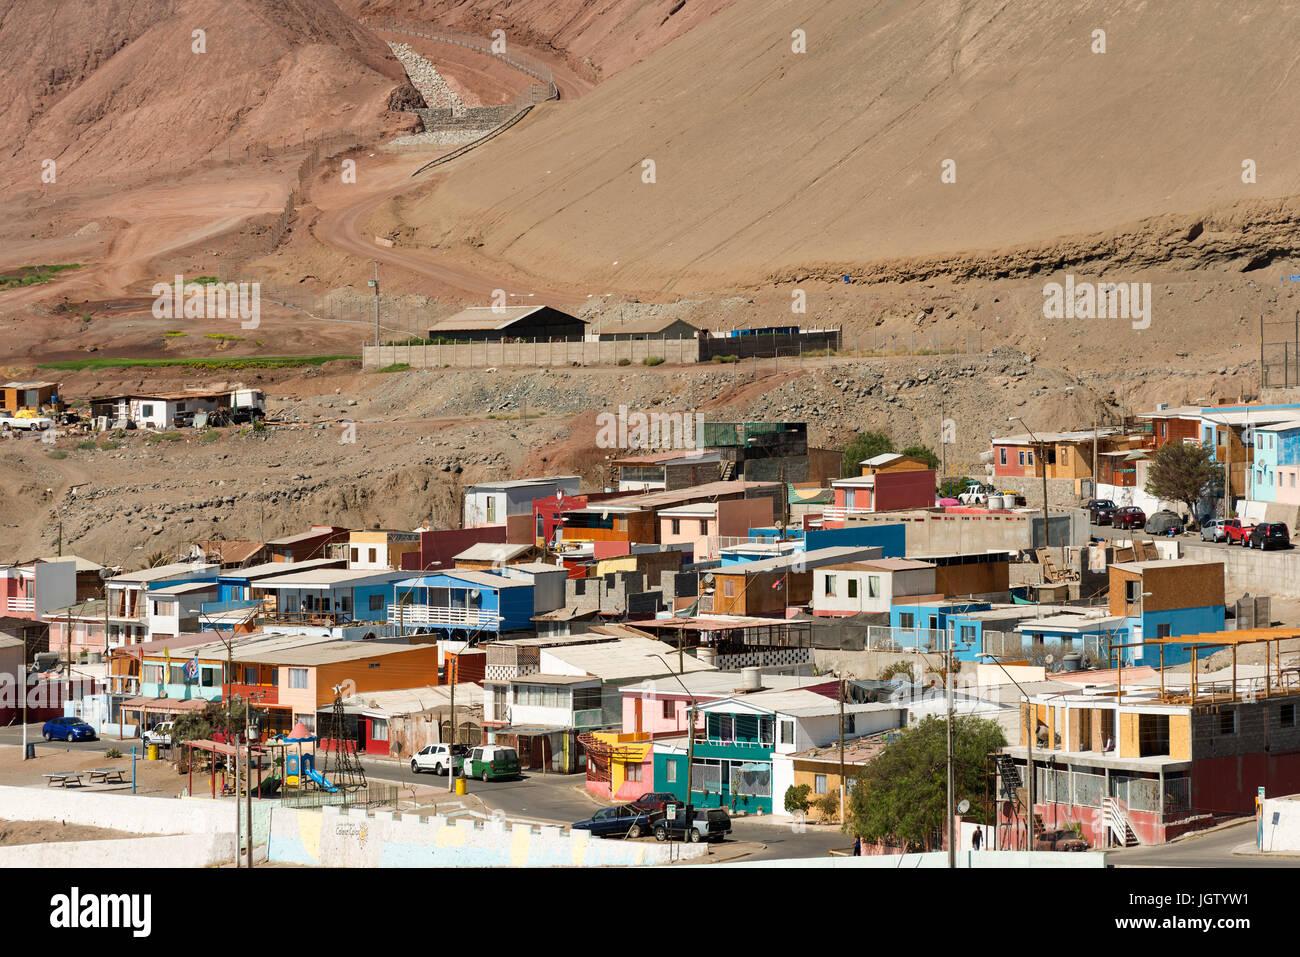 Antofagasta, Región de Antofagasta, Chile - Caleta Coloso, un pequeño grupo de casas en el sur de la ciudad Imagen De Stock